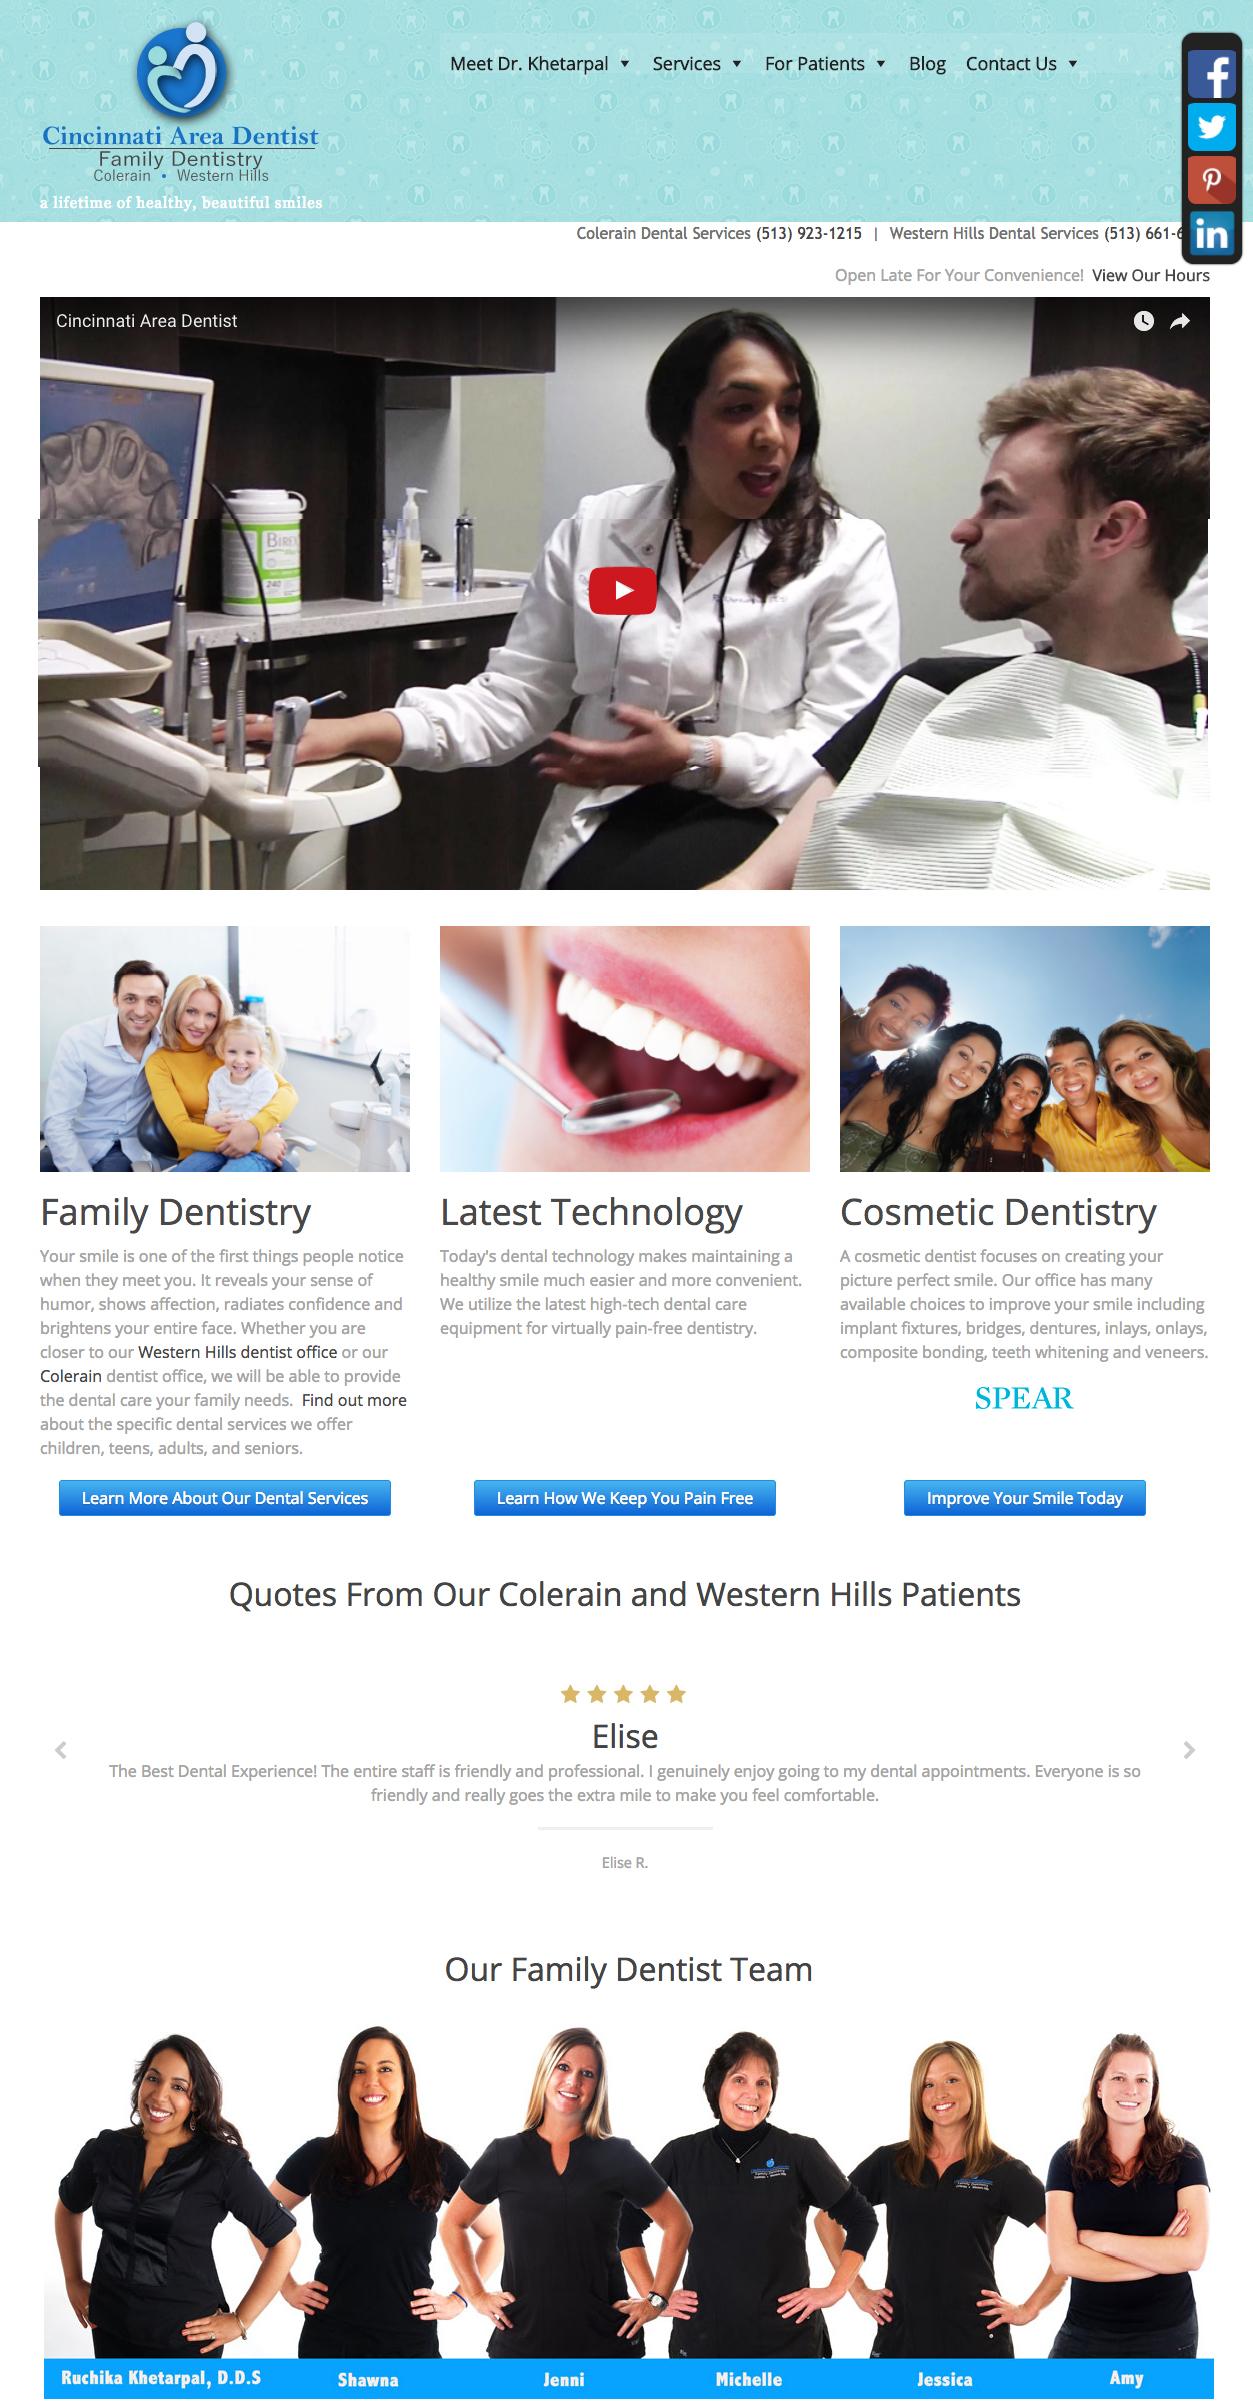 Cincinnati Area Dentist